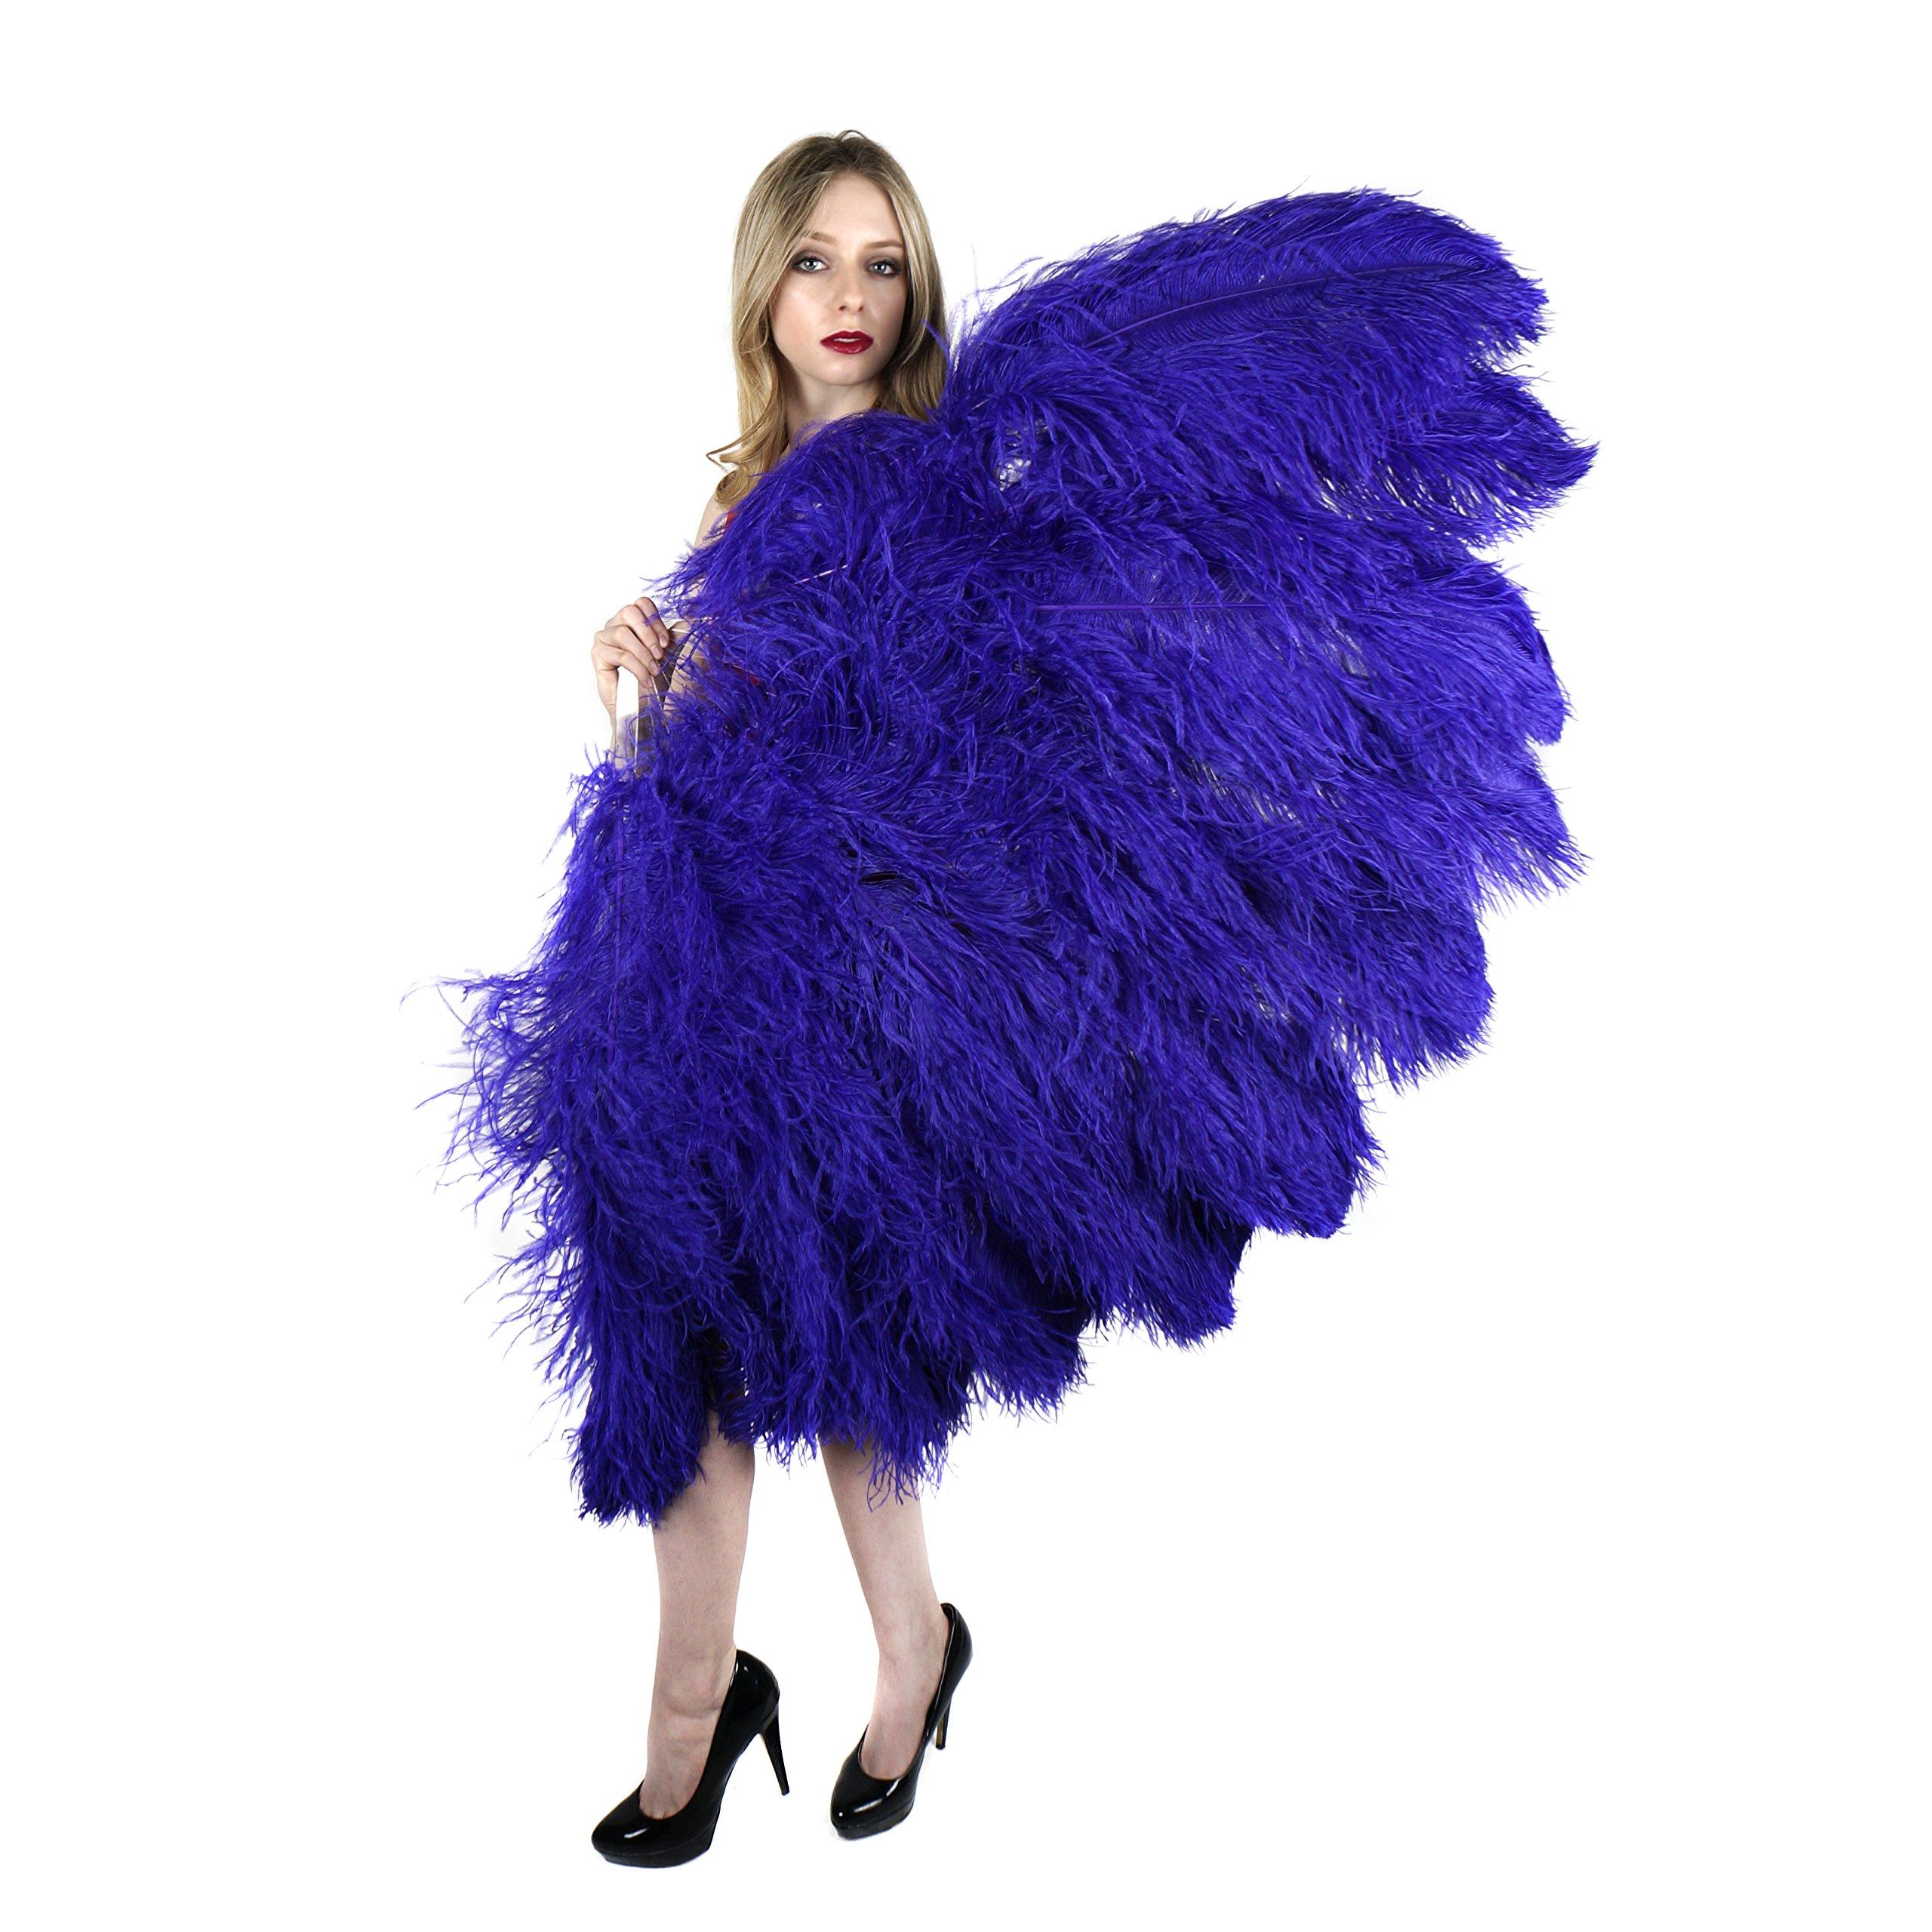 ZUCKER Feather Fan w/Ostrich Femina - Regal by ZUCKERTM